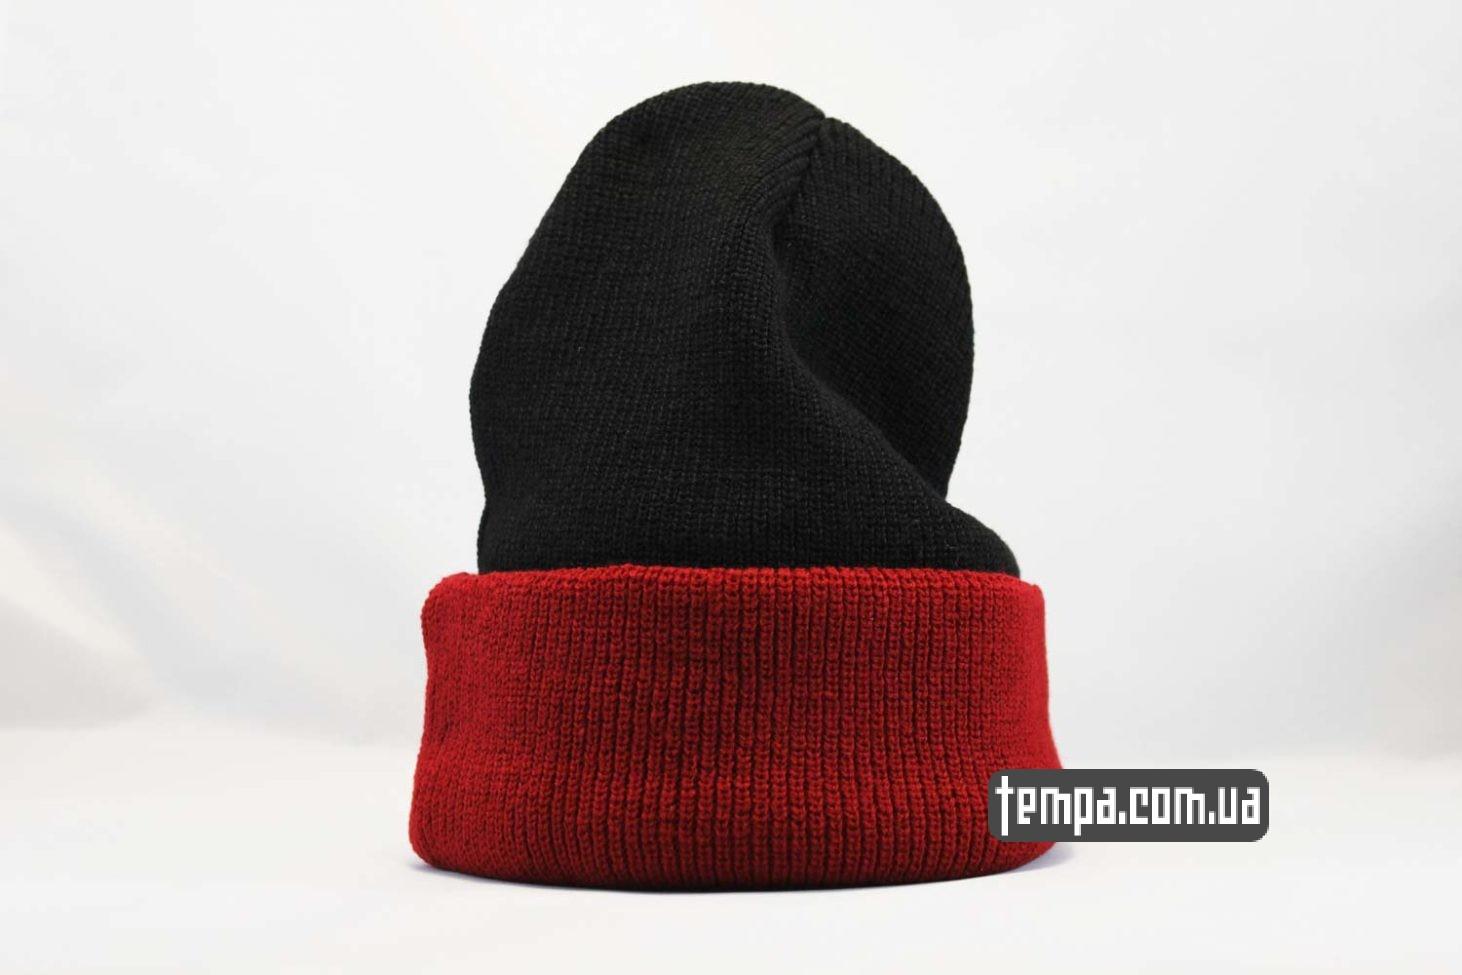 бини украина купить шапка beanie brixxton mfg company indian красная черная с индейцем